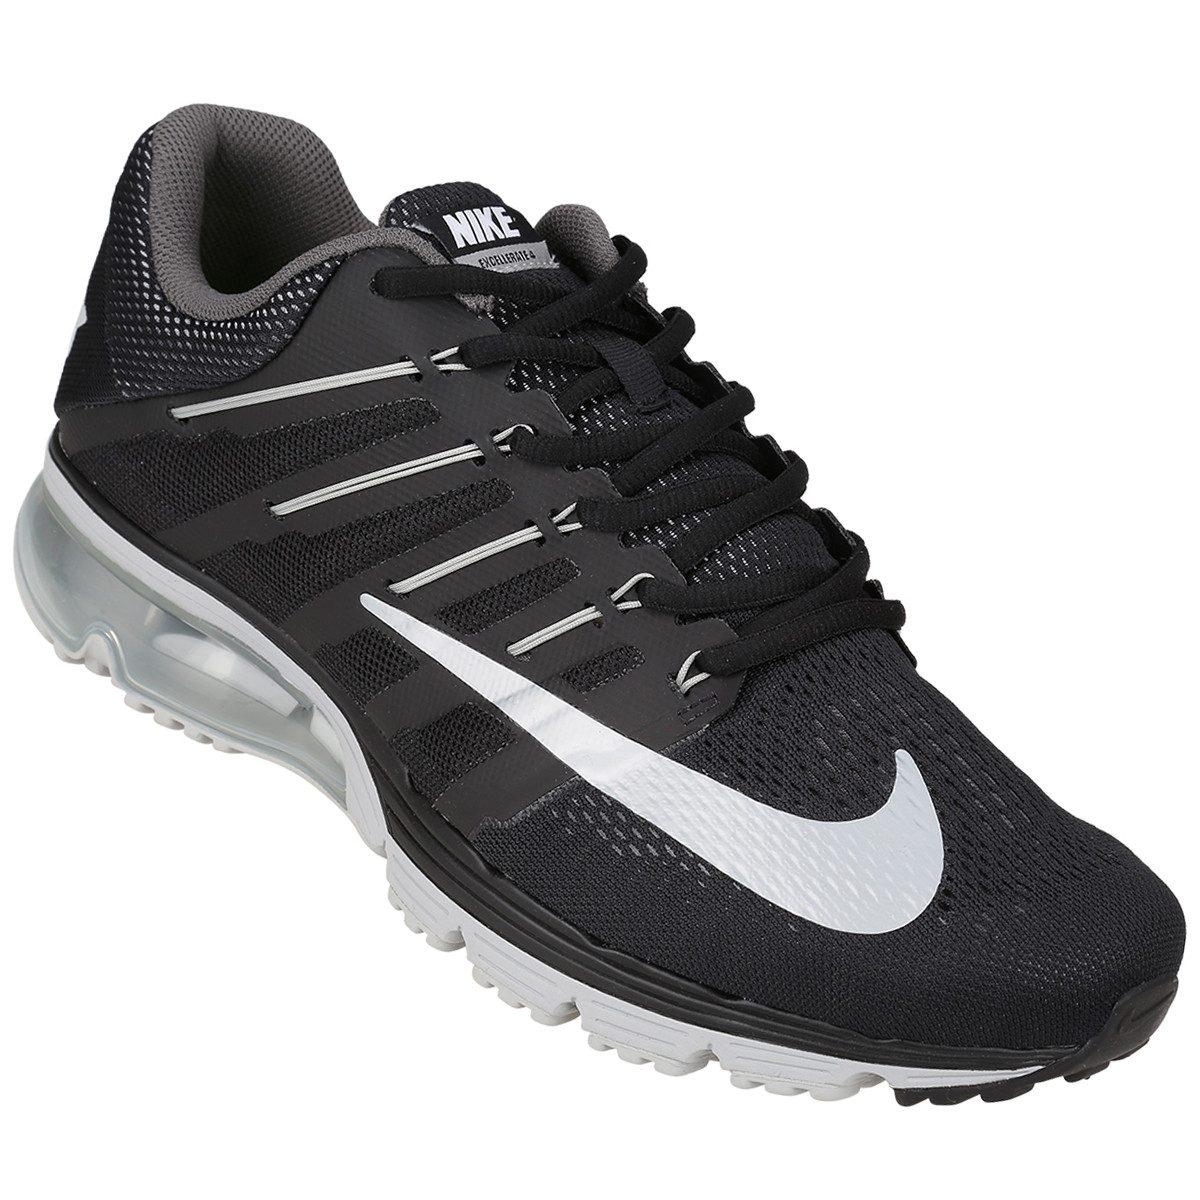 bb83e0ed1f7b7 ... hombres zapatillas zapatillas nike air max excellerate 4 (originales en  caja). Cargando zoom.